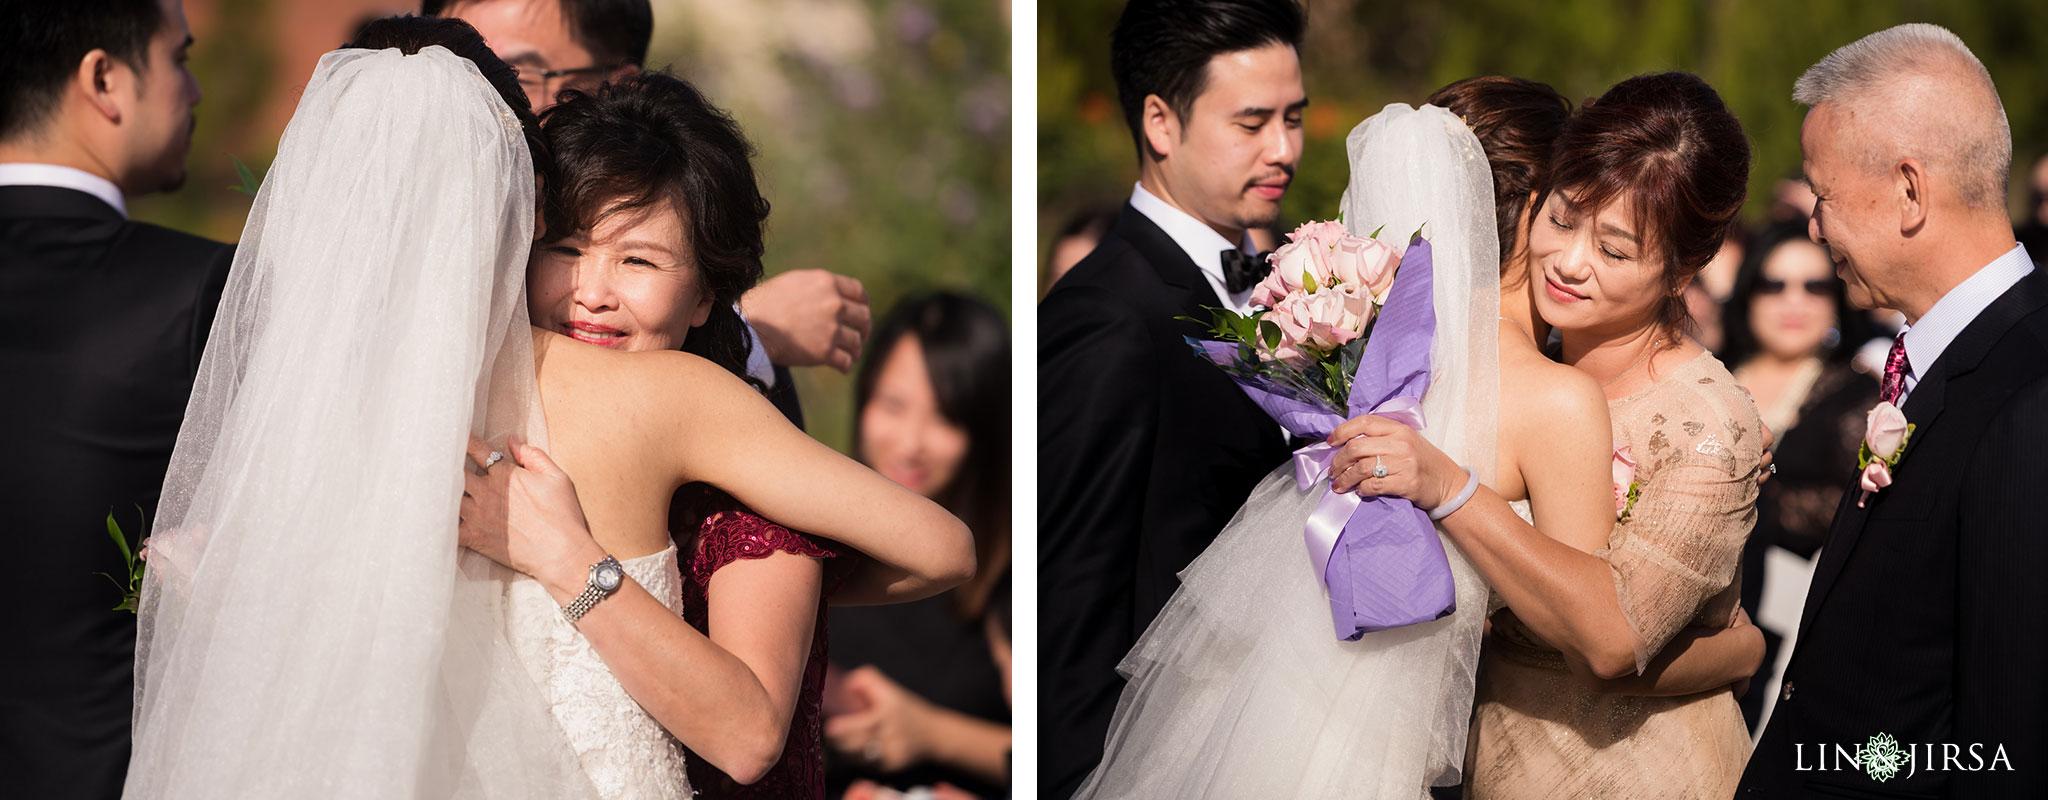 20 terranea resort wedding ceremony photography